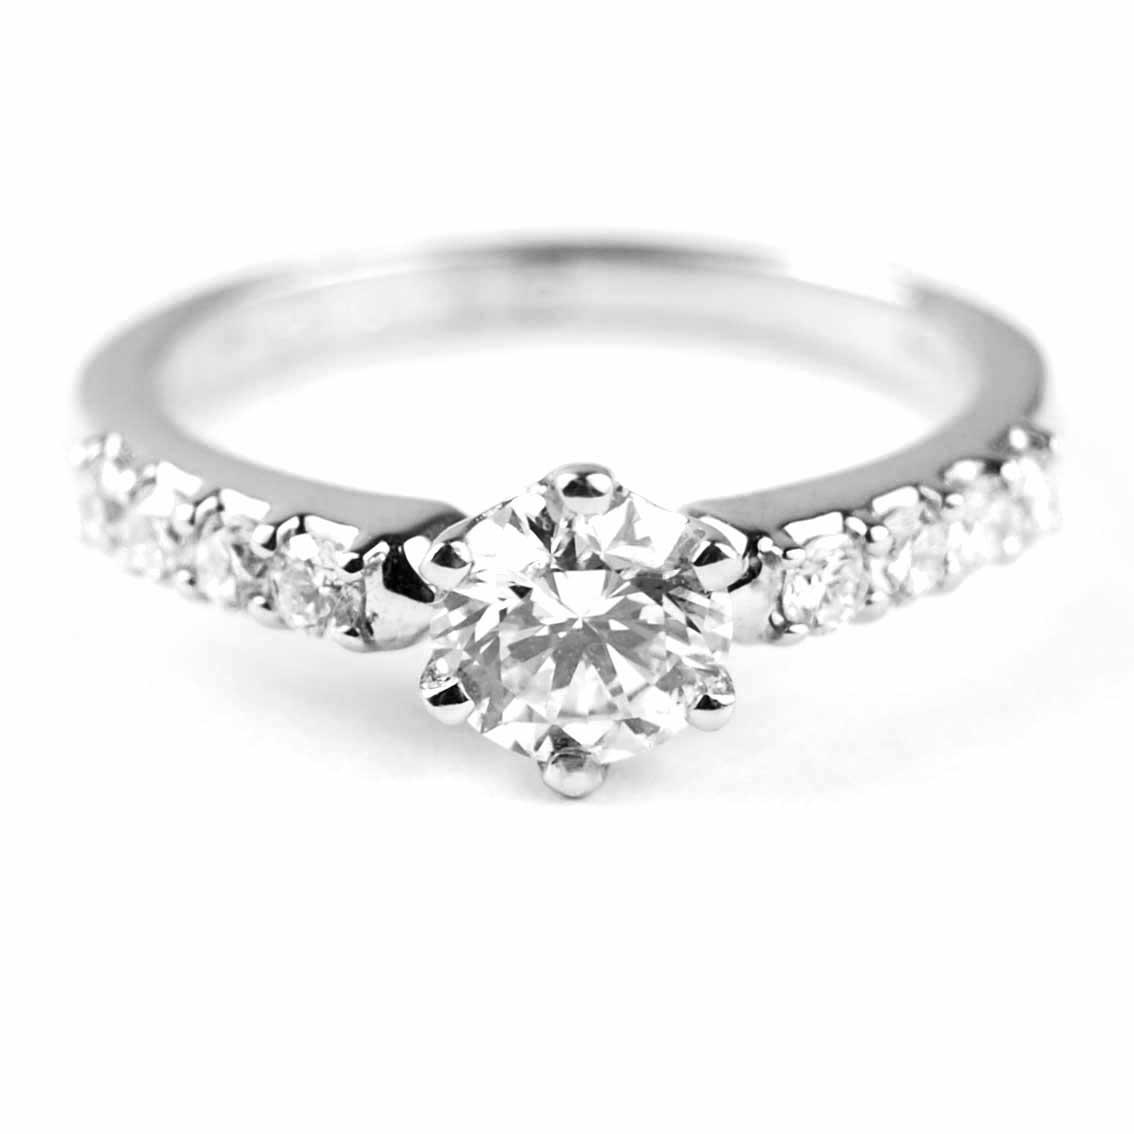 Diamond Solitaire Ring,Platinum